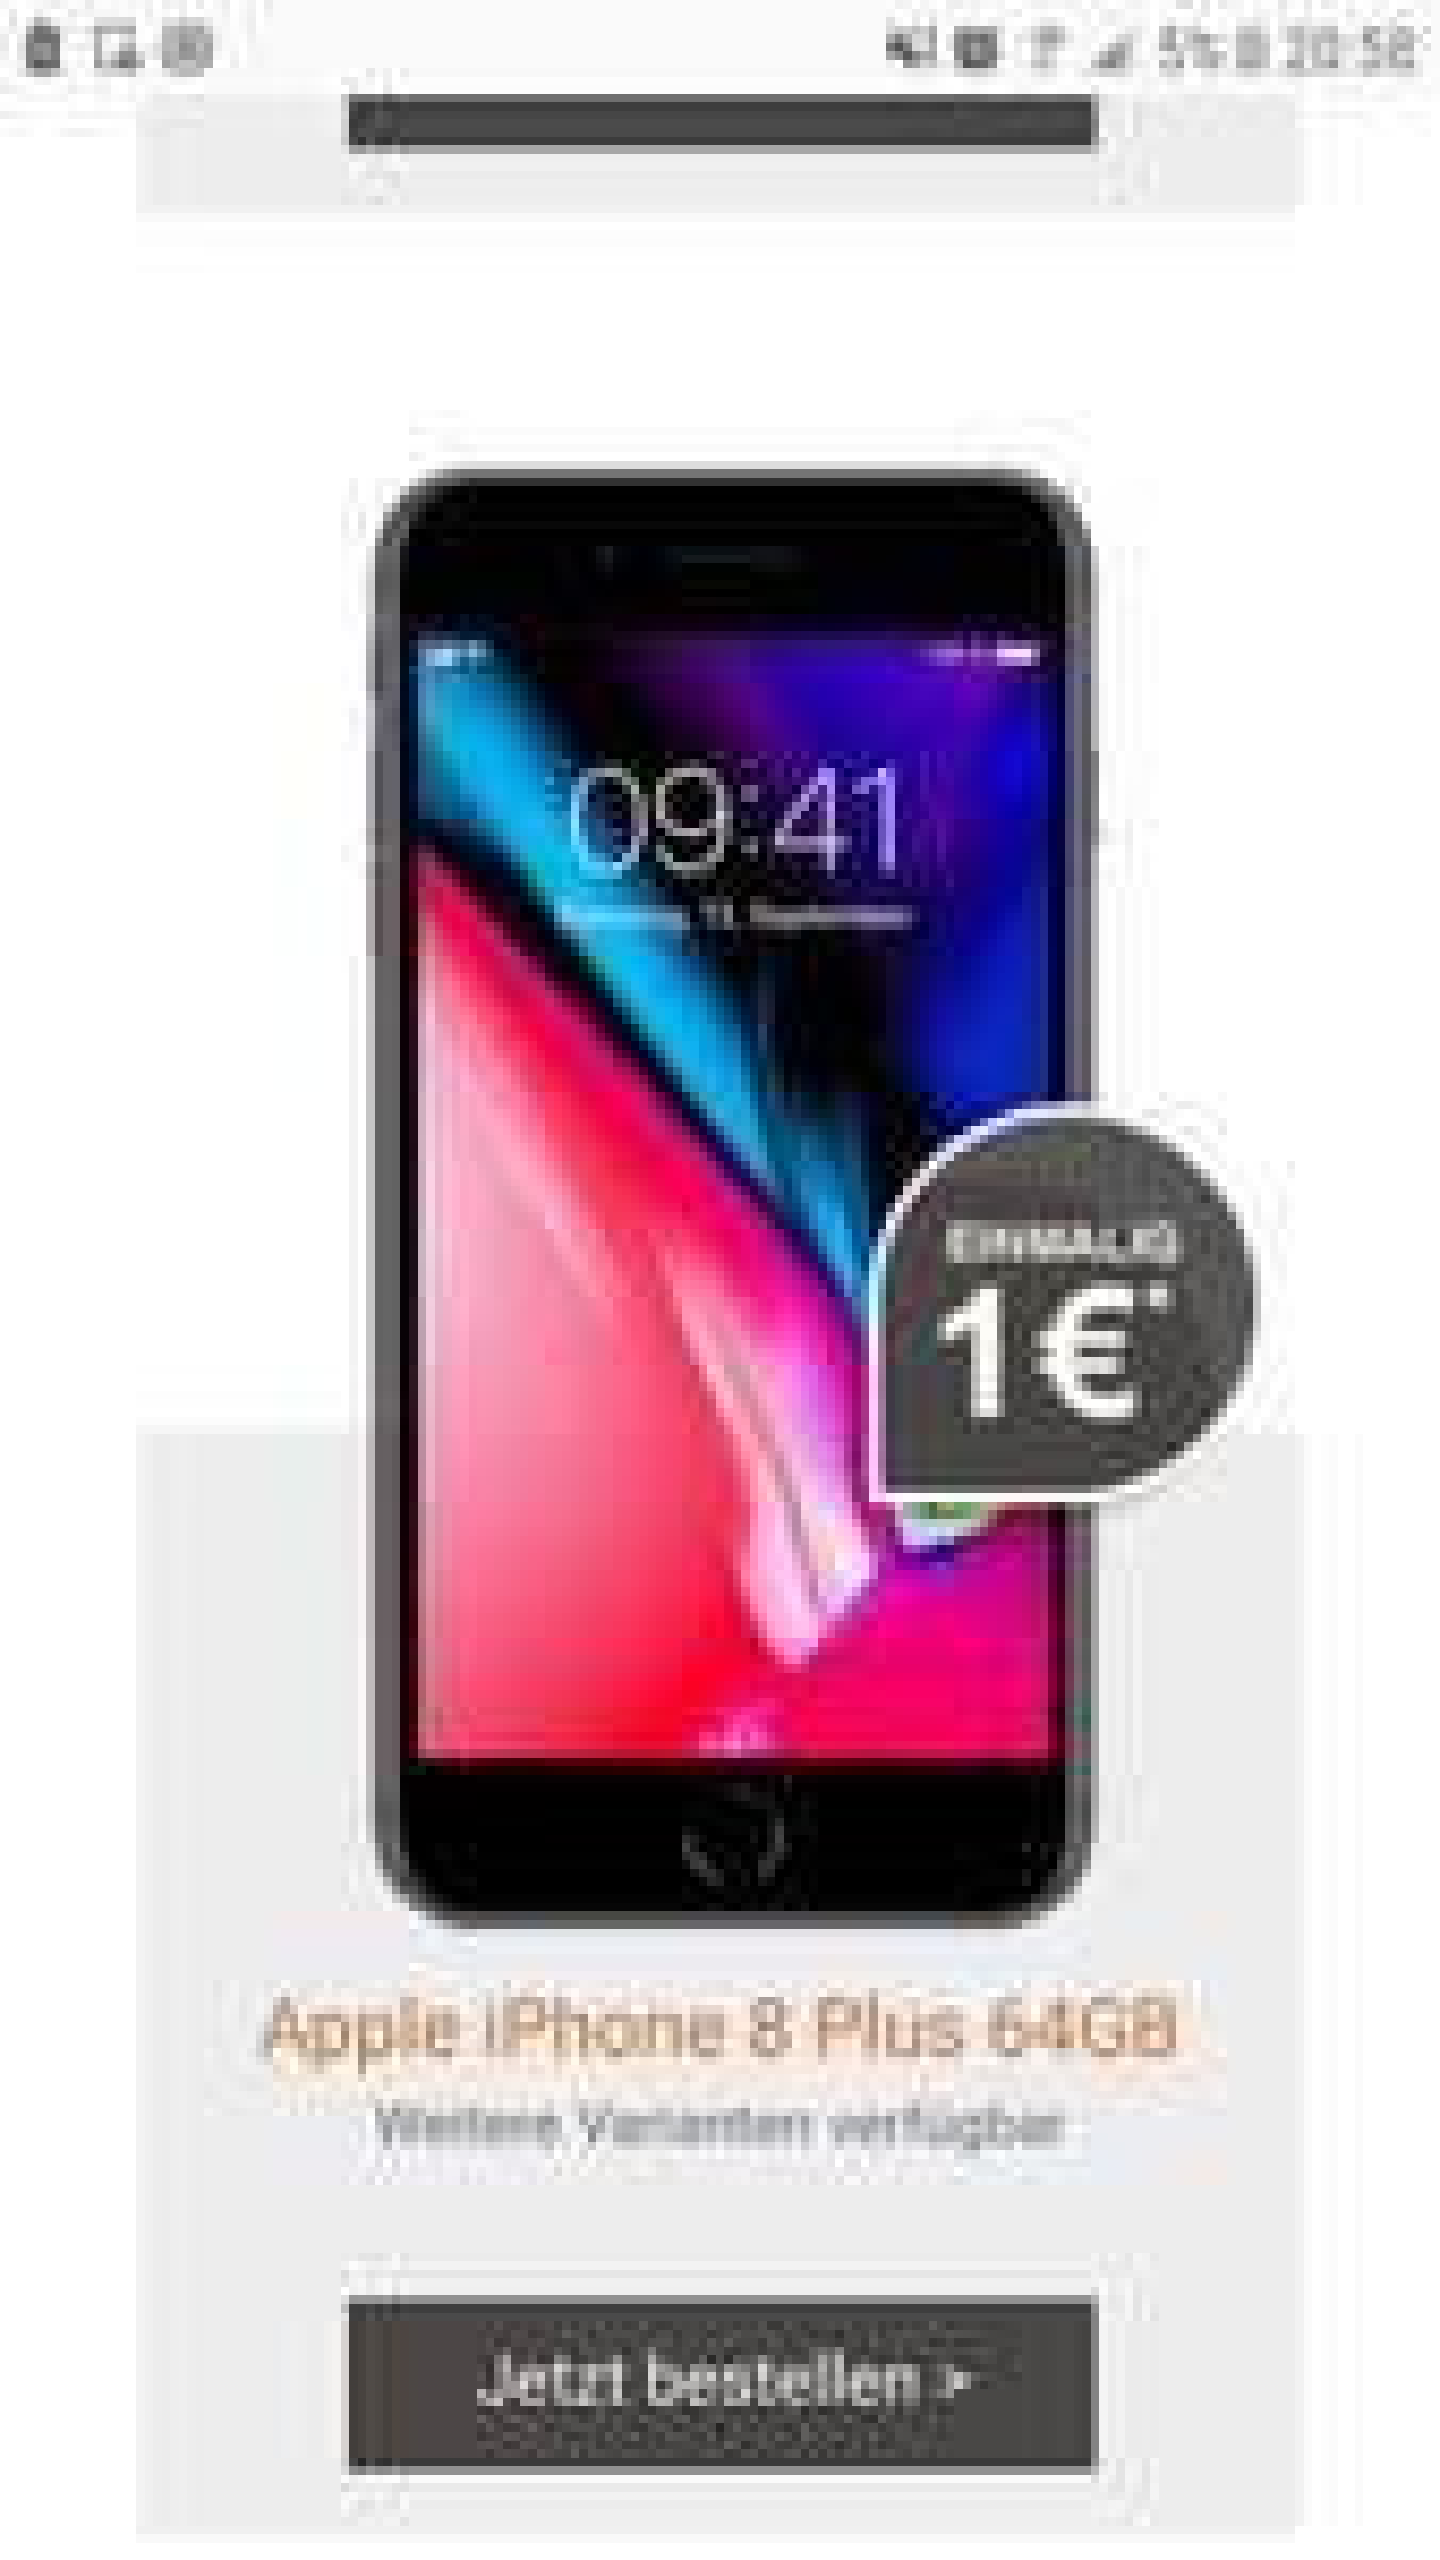 Iphone 8 Plus 64gb, mit Vodafone Smart XL Vertrag (allnet Flat, 6gb LTE Max) über Logitel